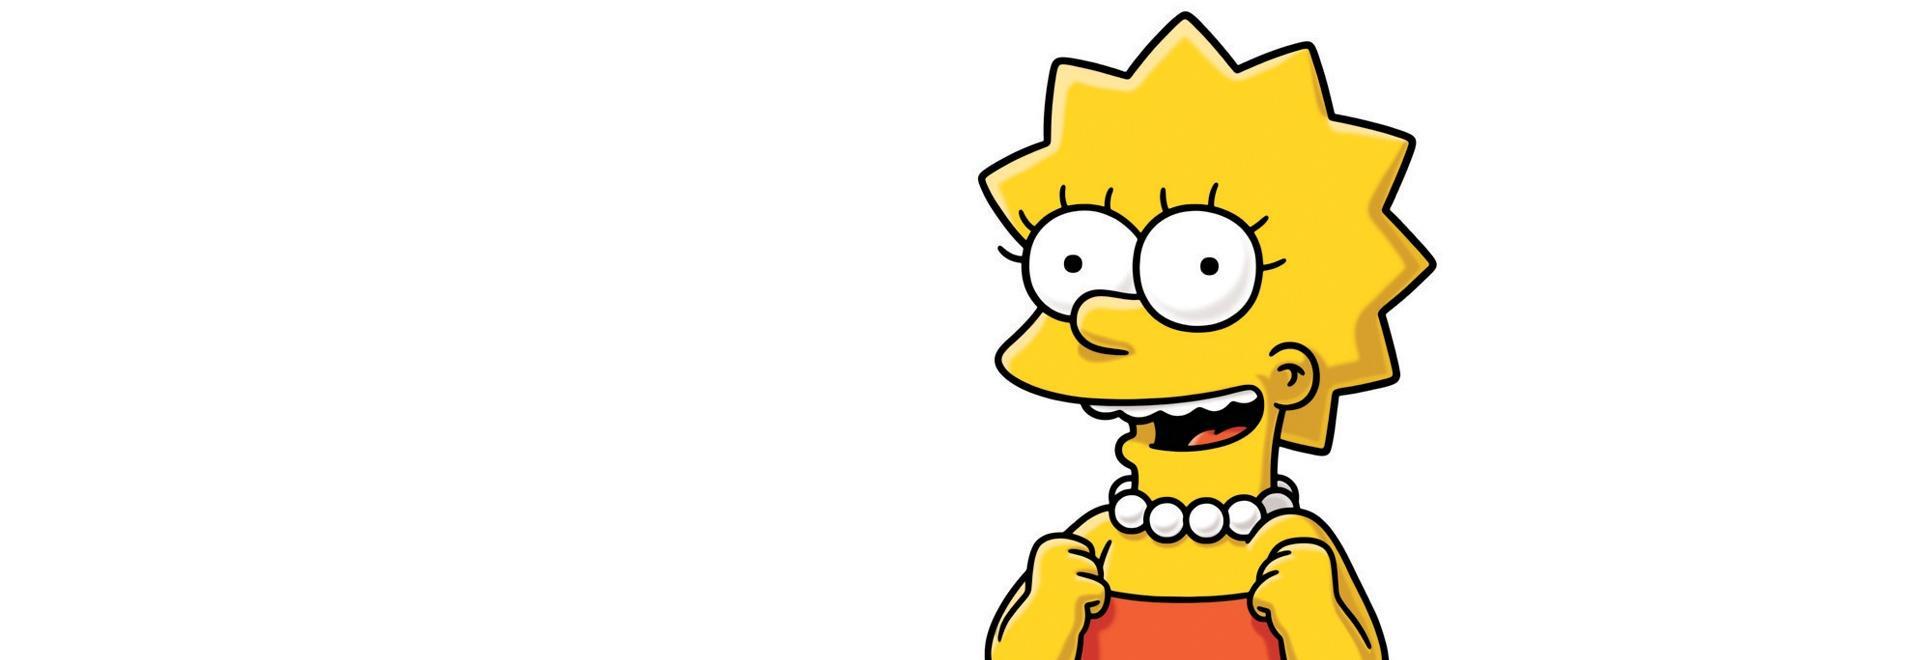 Mamma Simpson